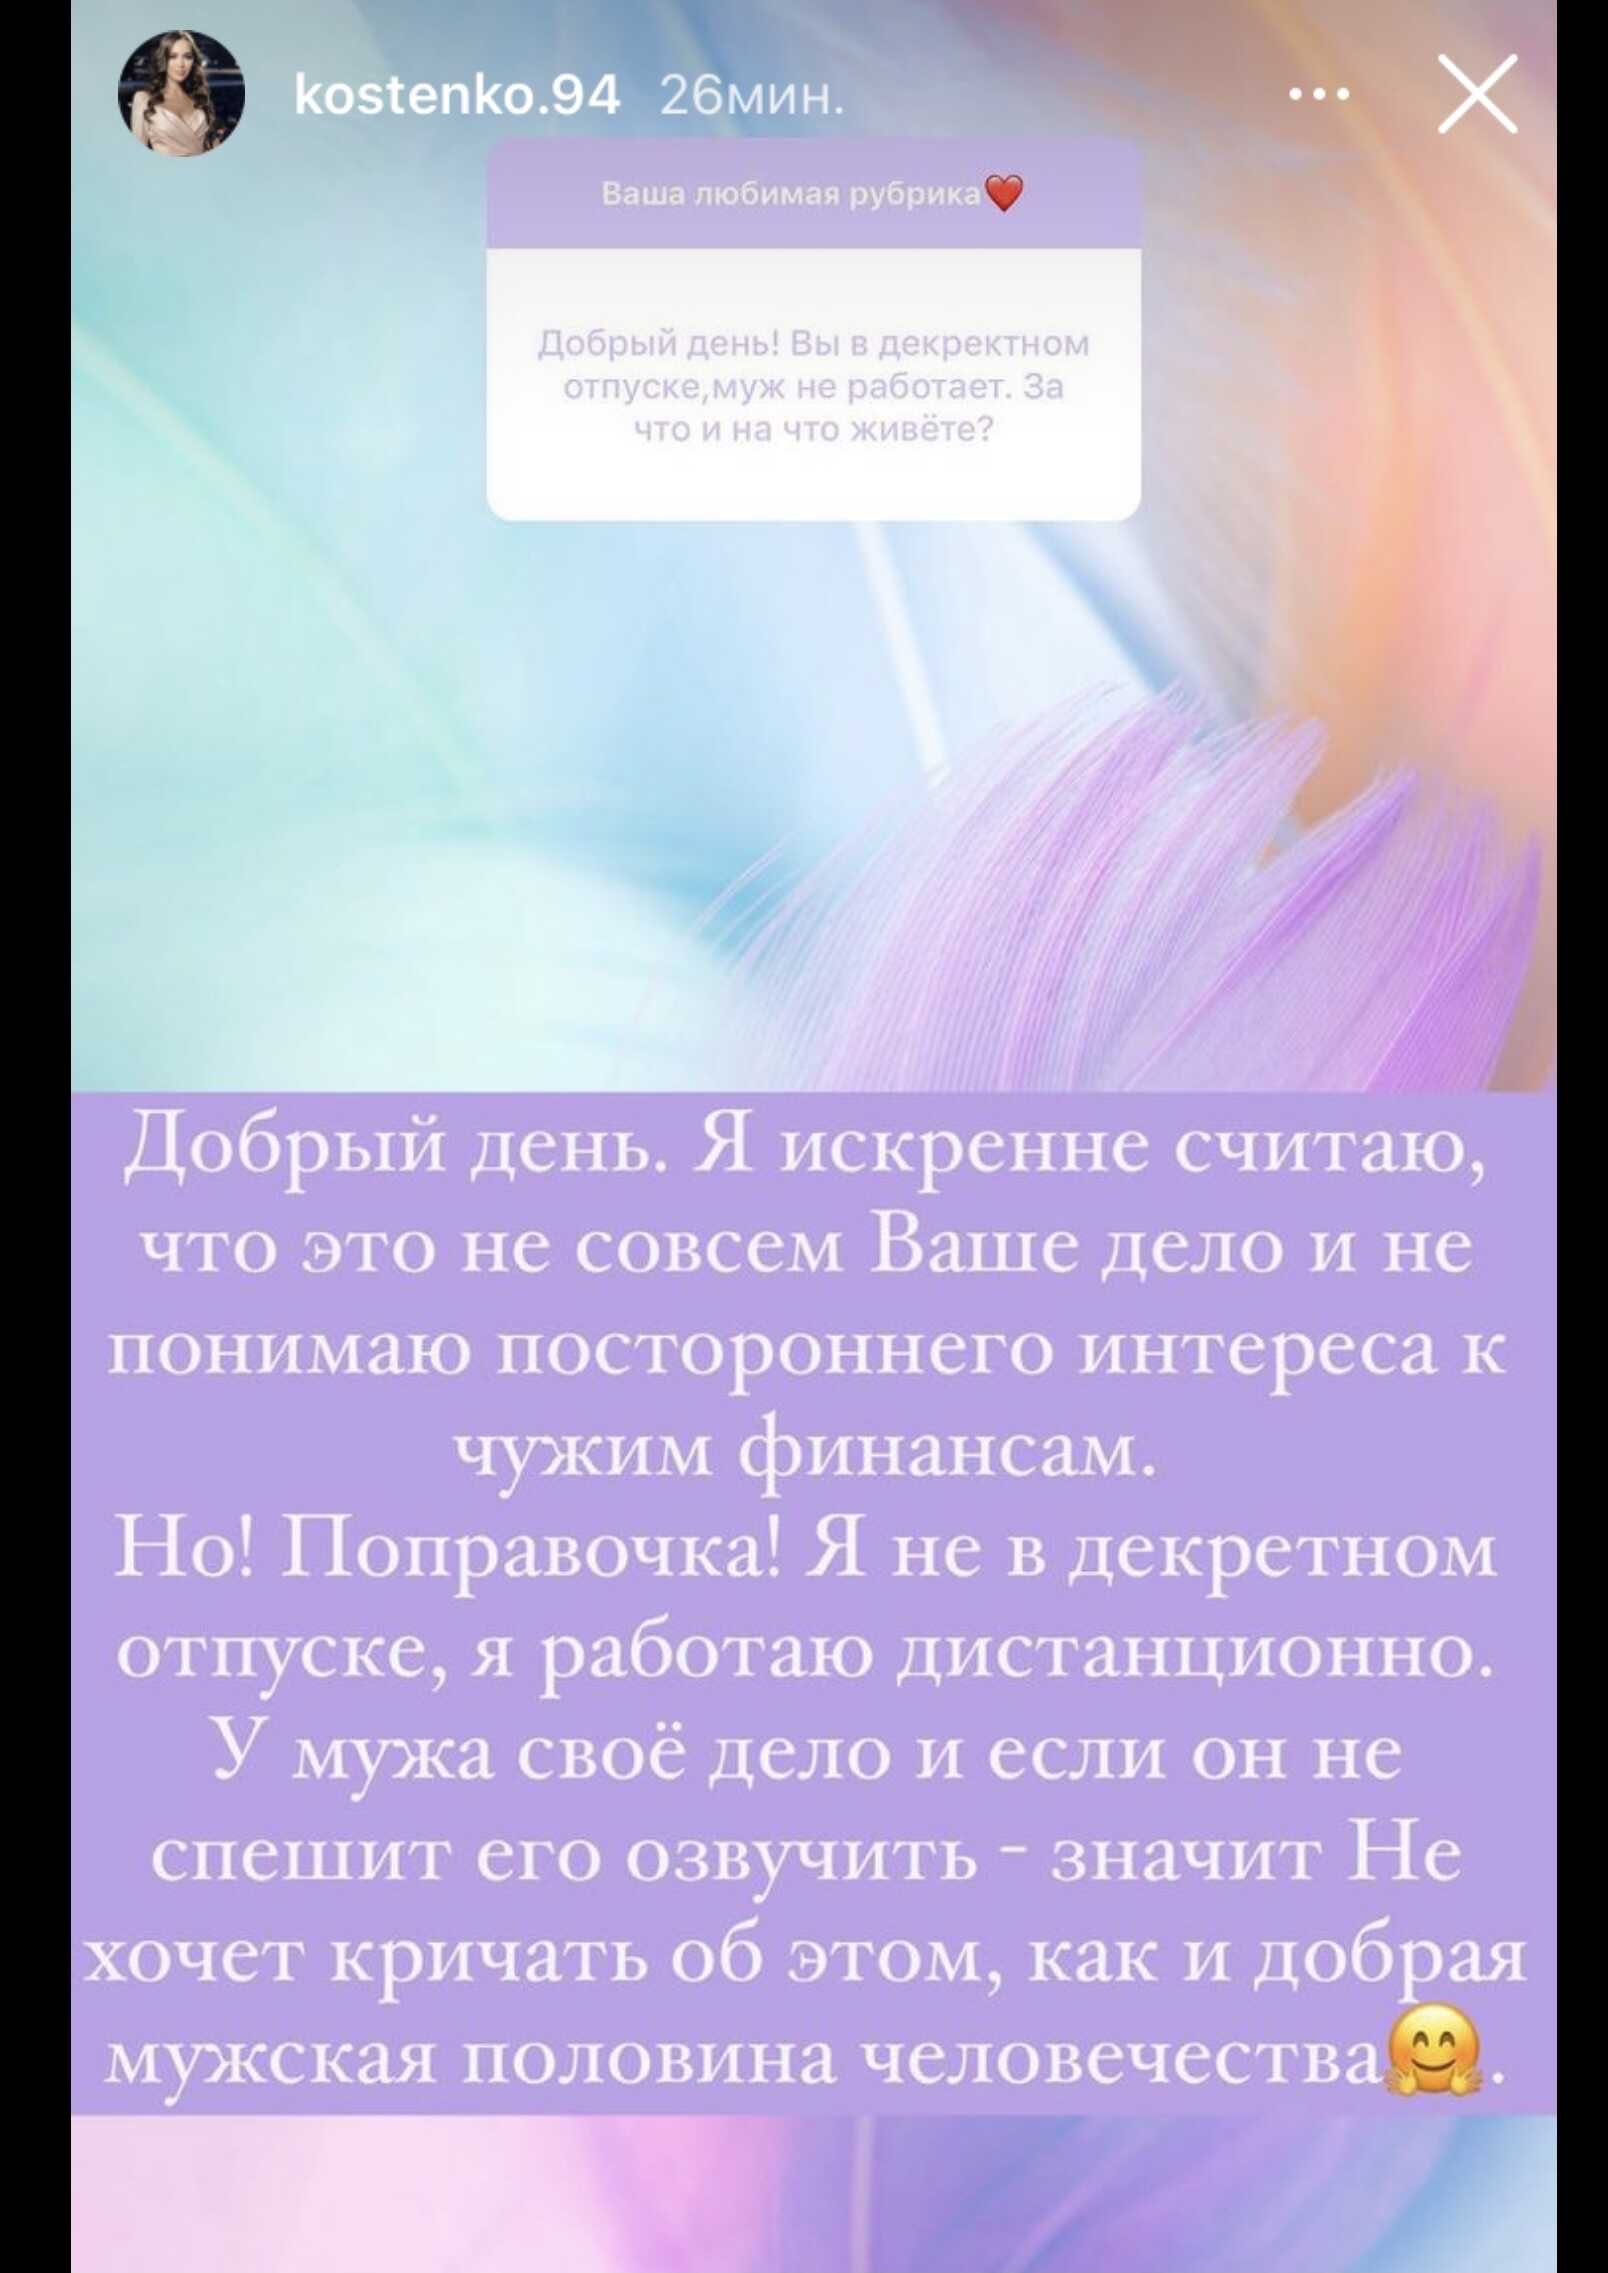 Анастасия Костенко рассказала, на какие деньги они с Дмитрием Тарасовым живут